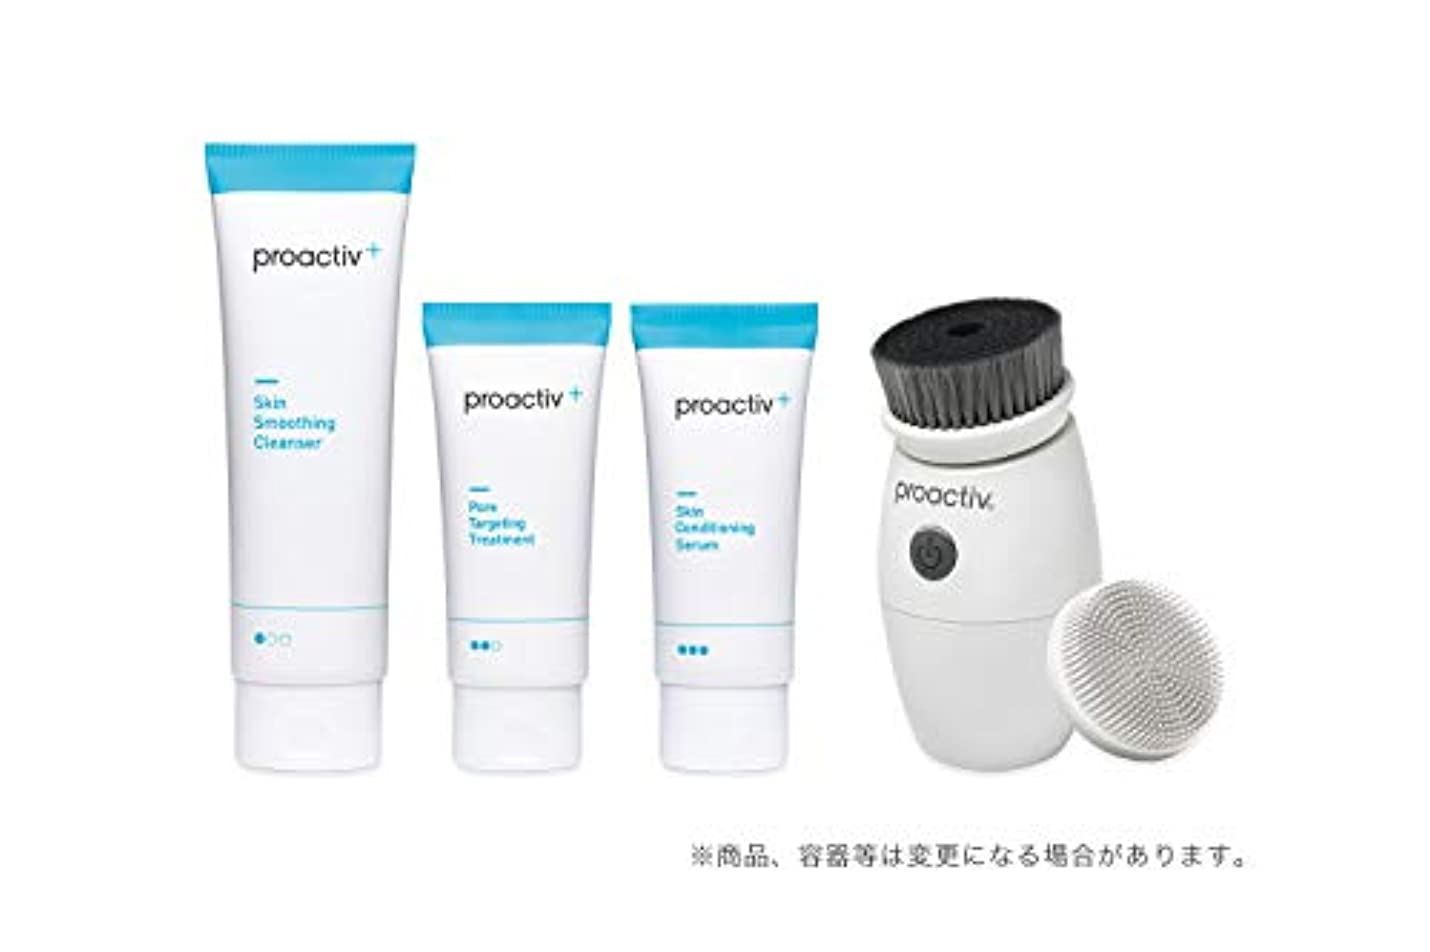 配分学部大西洋プロアクティブ+ Proactiv+ 薬用3ステップセット (60日セット) ポアクレンジング電動洗顔ブラシ(シリコンブラシ付) プレゼント 公式ガイド付